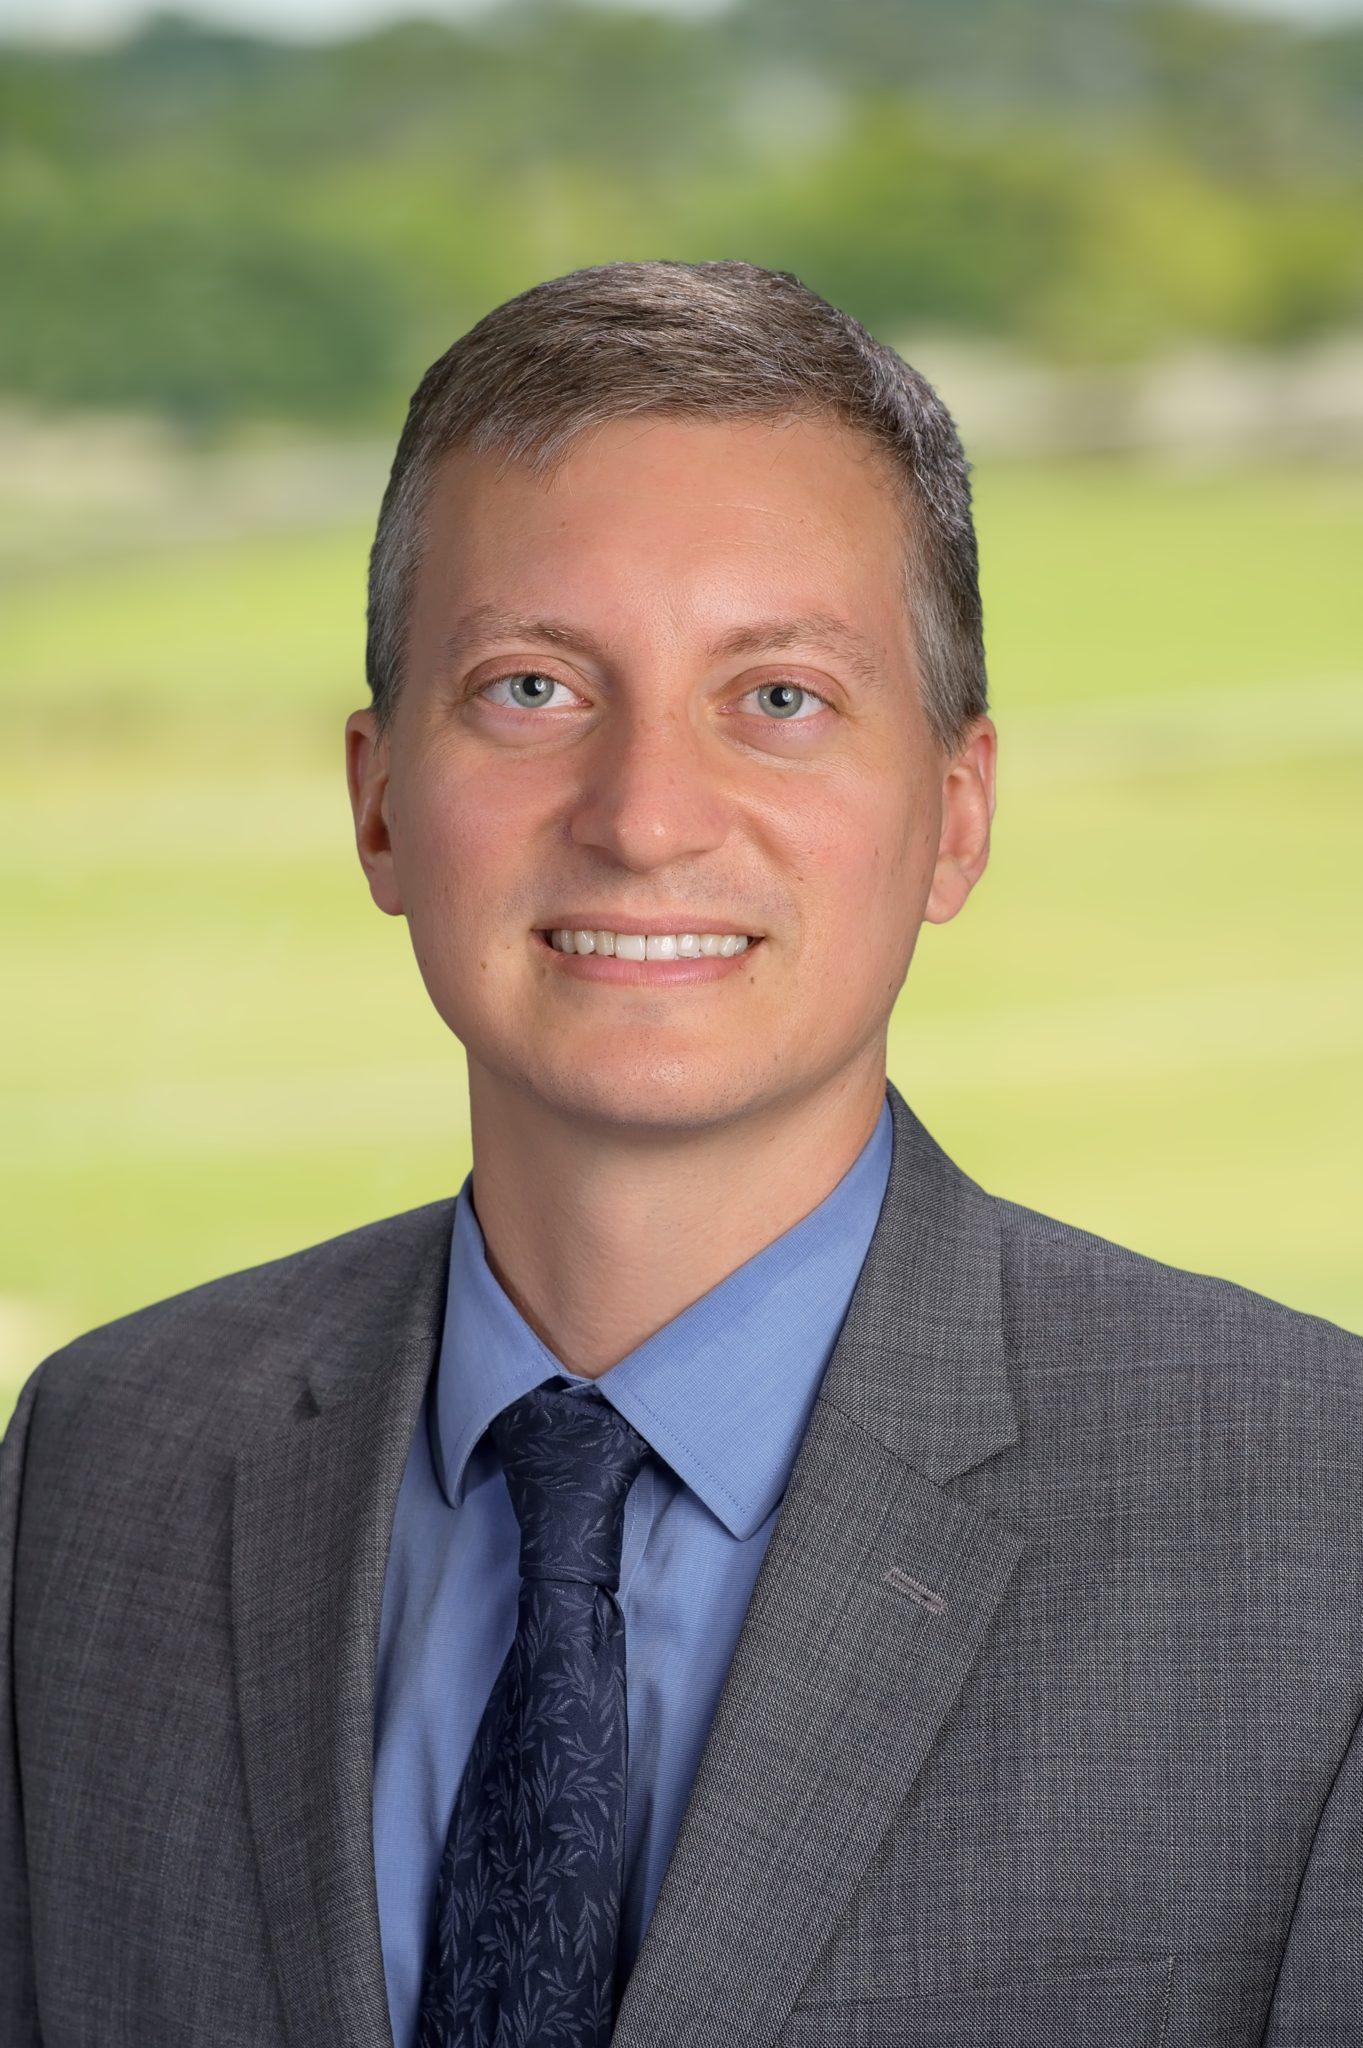 Joseph A. Quinones, M.D.